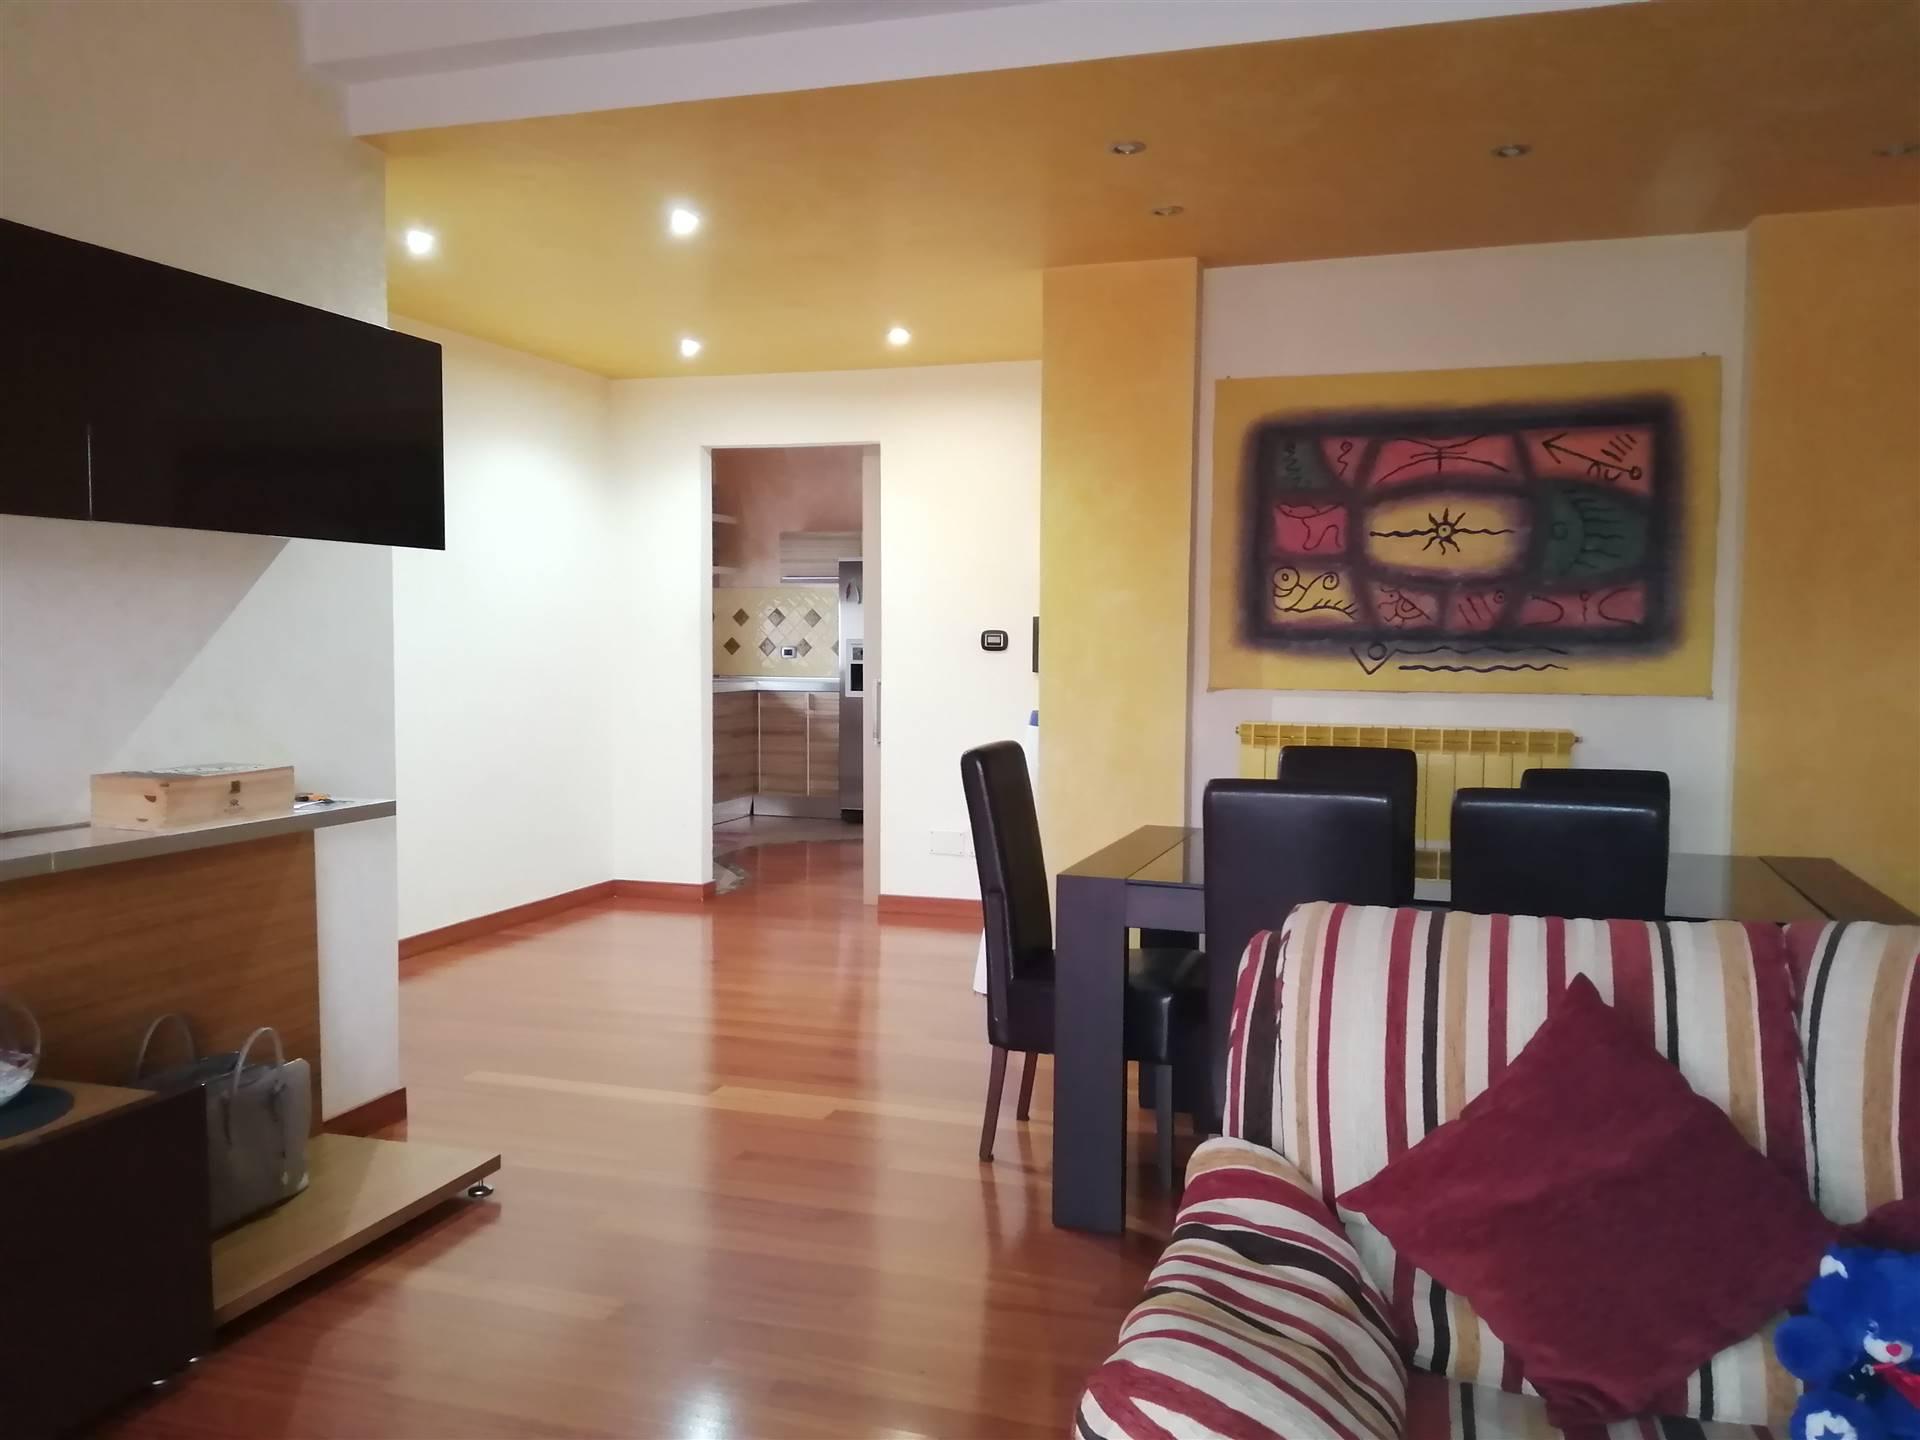 Vendiamo splendido appartamento collocato al secondo piano disposto su un unico livello. L''immobile dislocato su una superficie di circa 100 mq commercialie si caratterizza con finiture di parquet